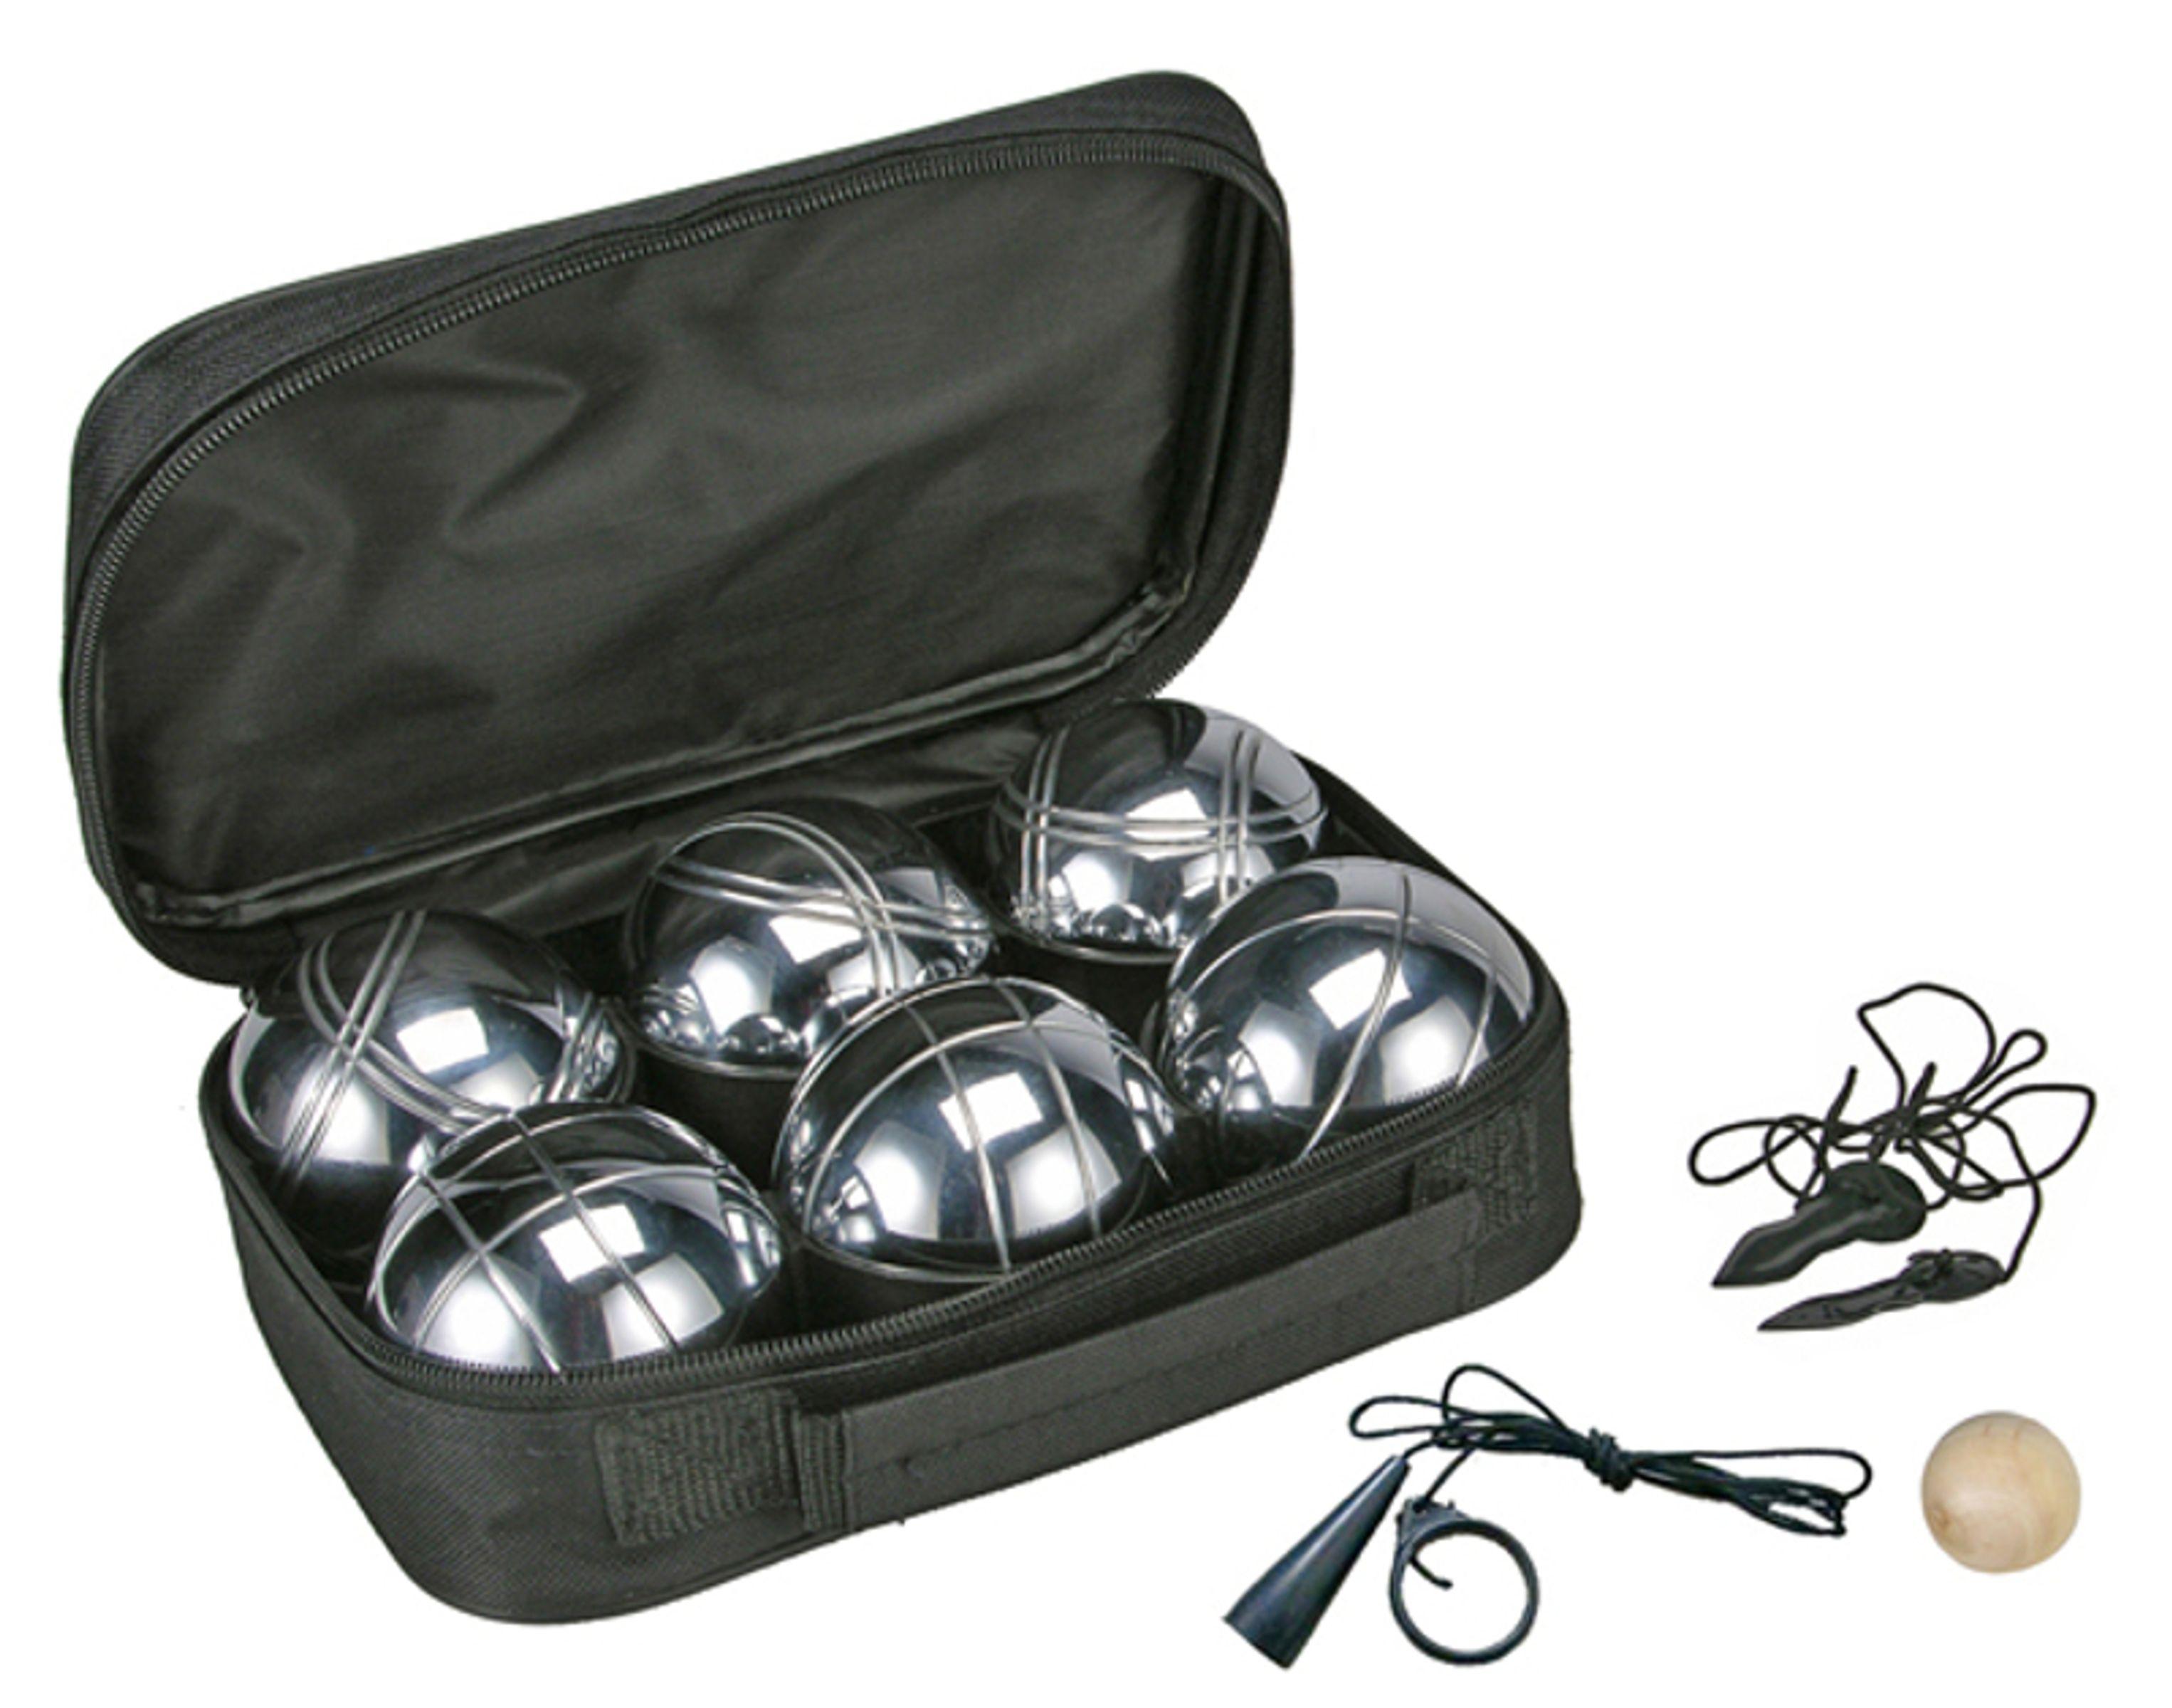 Details zu Boule Set Boccia Turnier Petanque Tasche Bouleset 6 Kugeln Metallkugeln